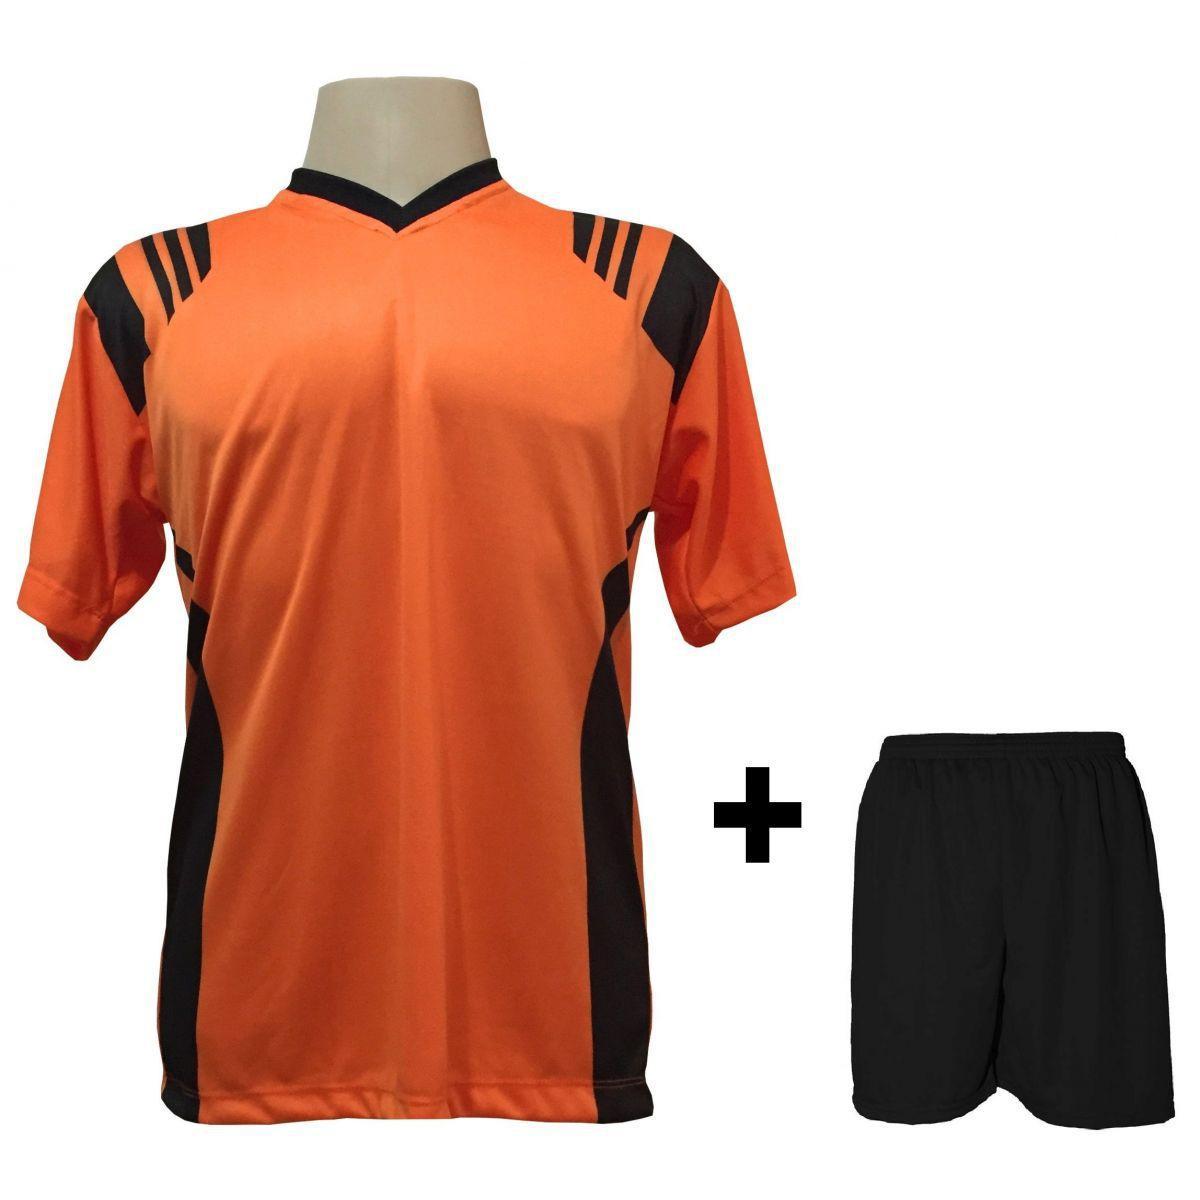 45900bad3a Uniforme Esportivo com 18 Camisas modelo Roma Laranja Preto + 18 Calções  modelo Madrid Preto - Play fair - Futebol - Magazine Luiza